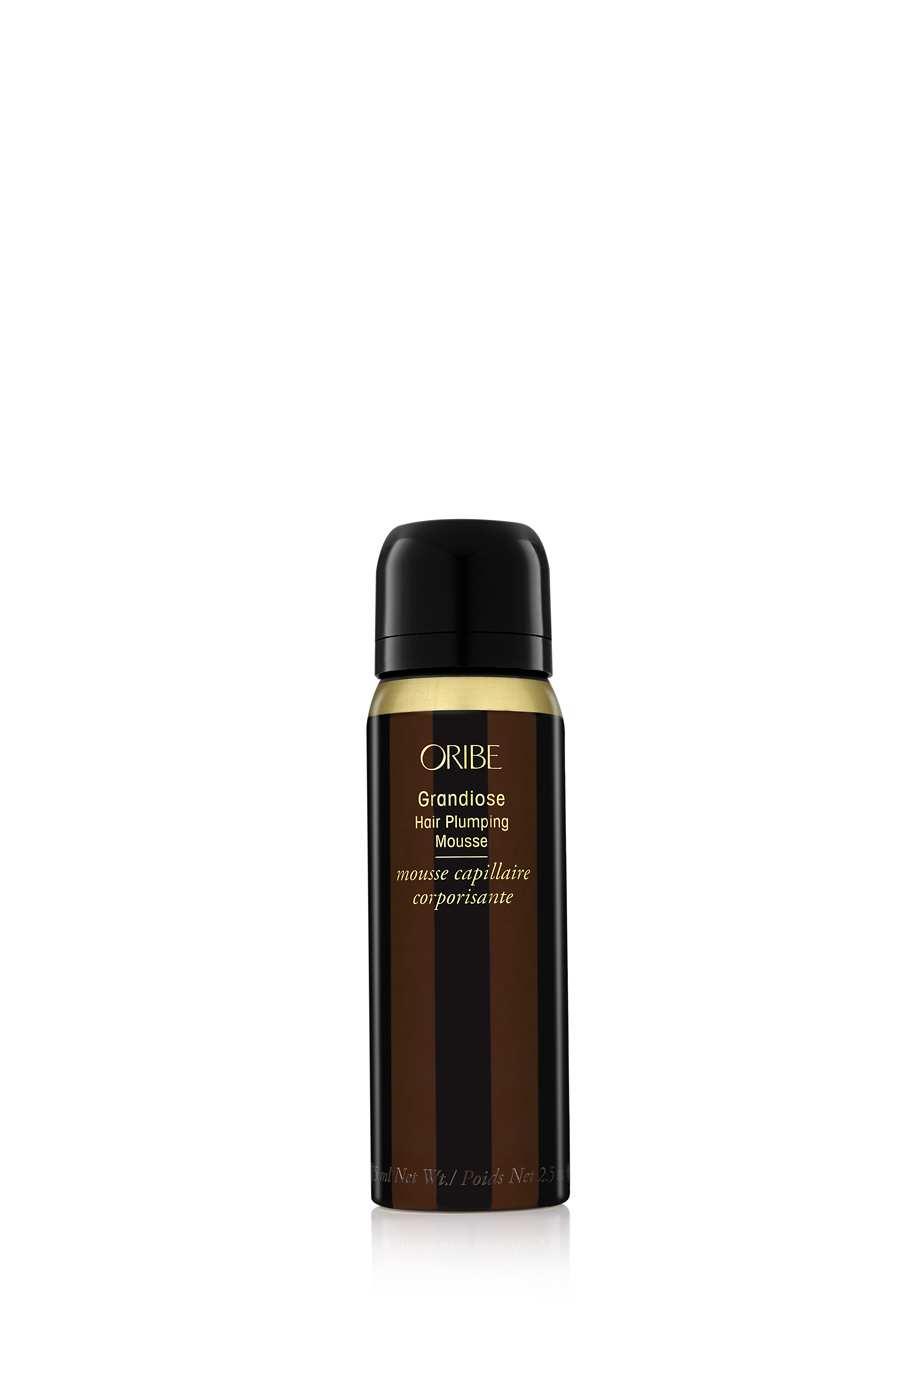 Мусс для укладки Грандиозный объем / Grandiose Hair Plumping Mousse 75 мл